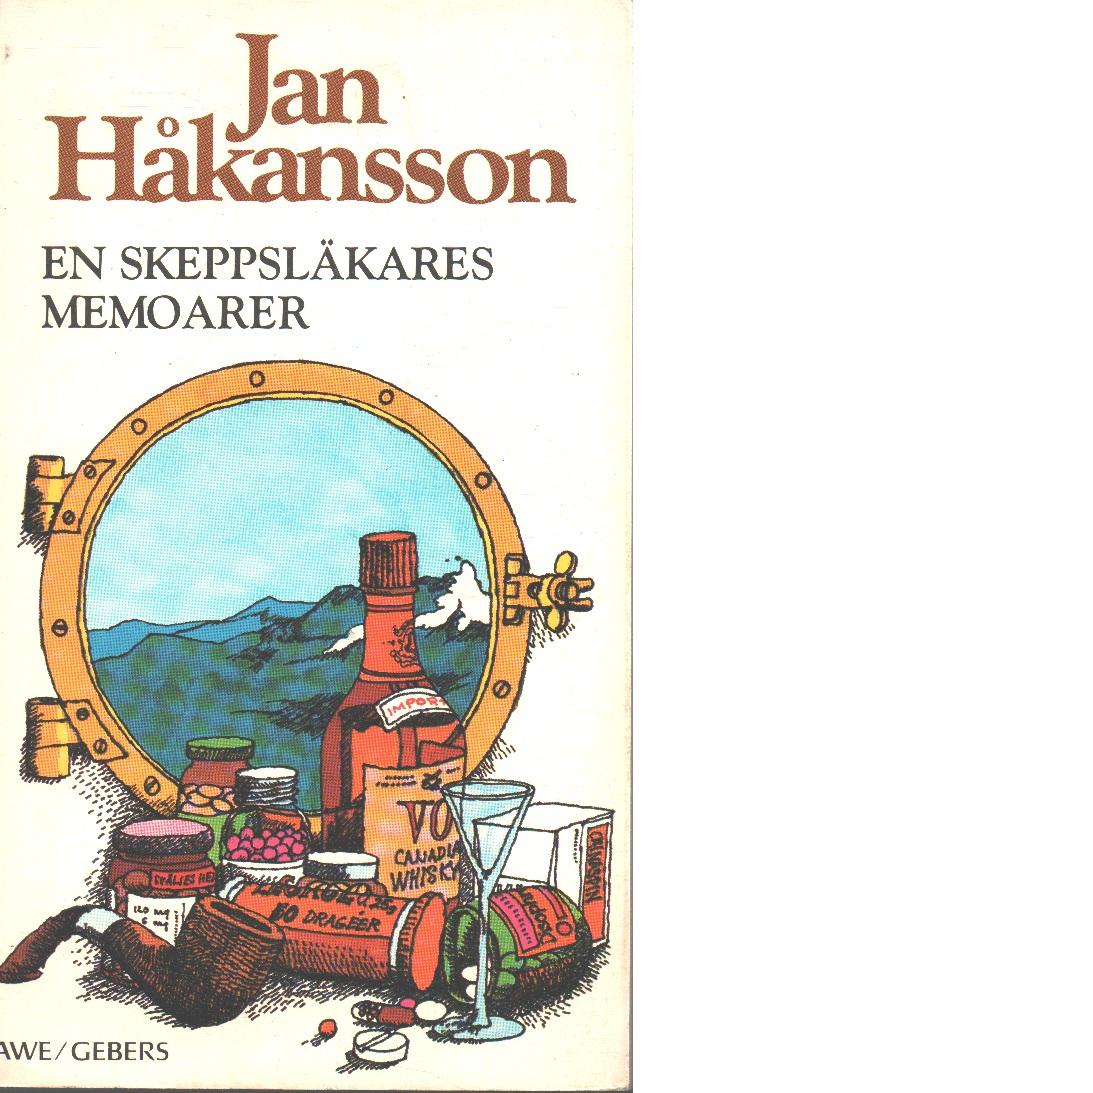 En skeppsläkares memoarer - Håkansson, Jan